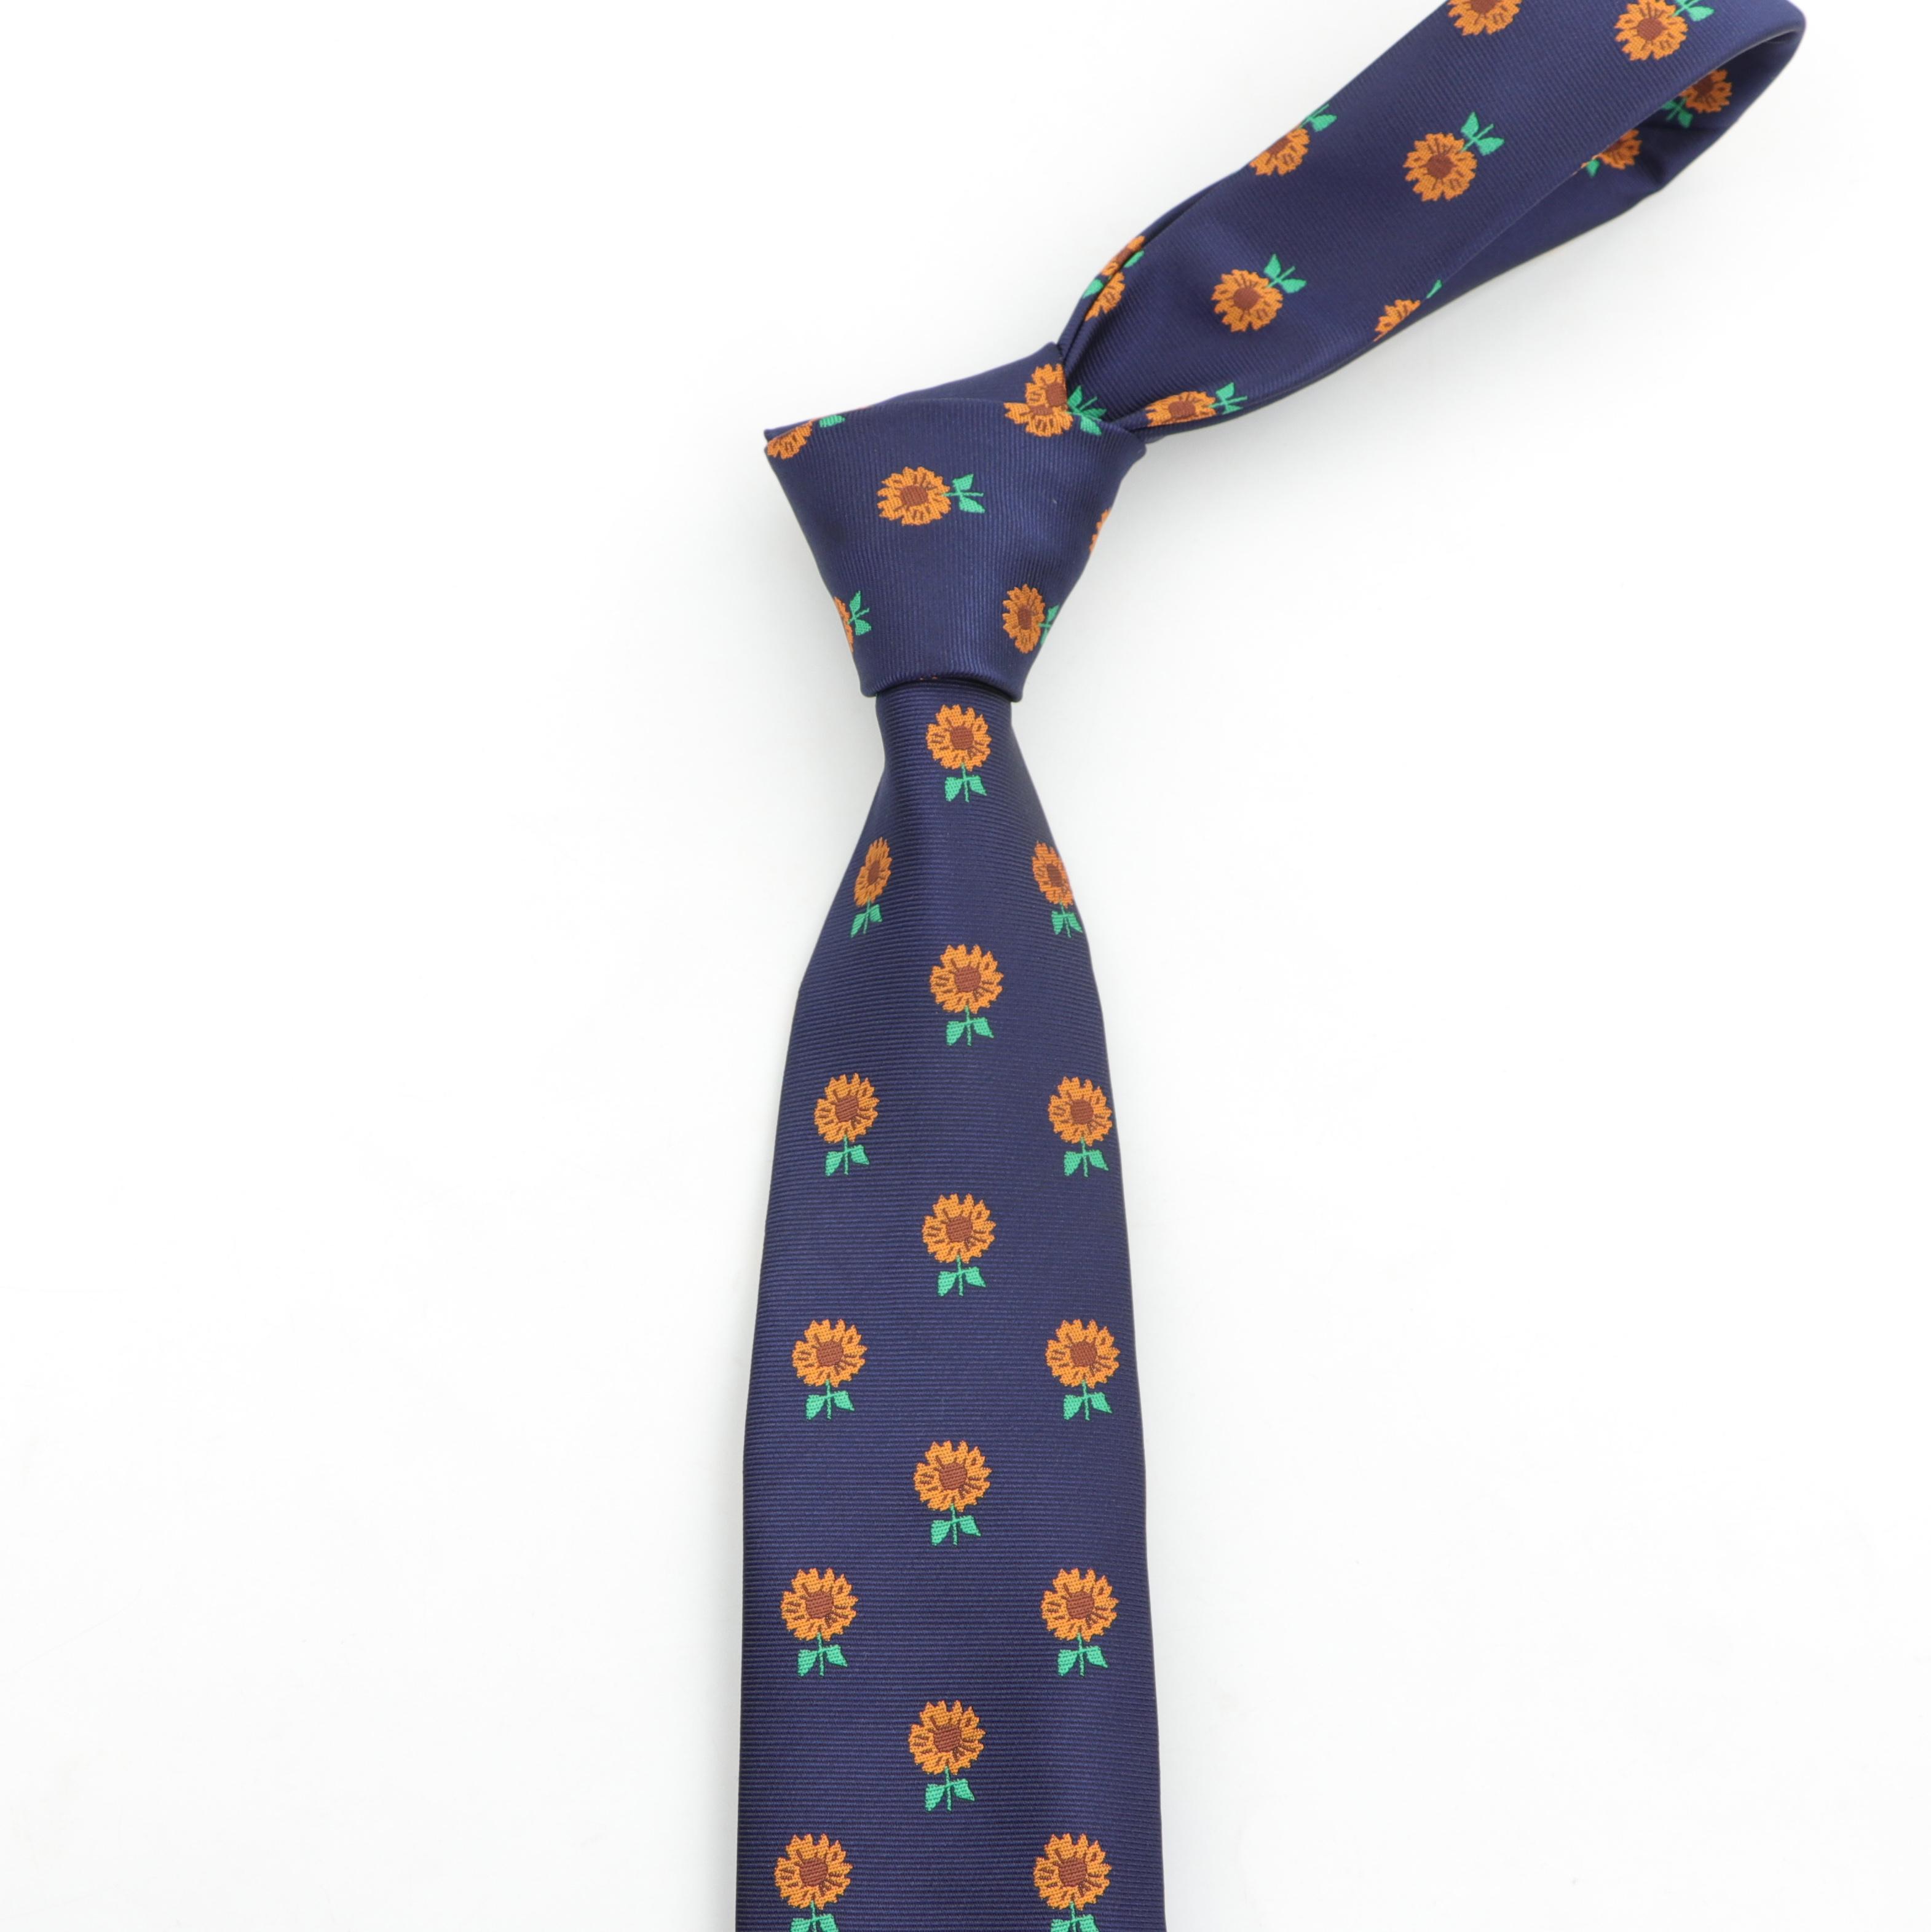 Галстук в виде подсолнуха стандартного размера галстук для жениха джентльмена Мужской дизайнерский галстук из полиэстера Gravata тонкая стрела шелковый галстук 7,5 см